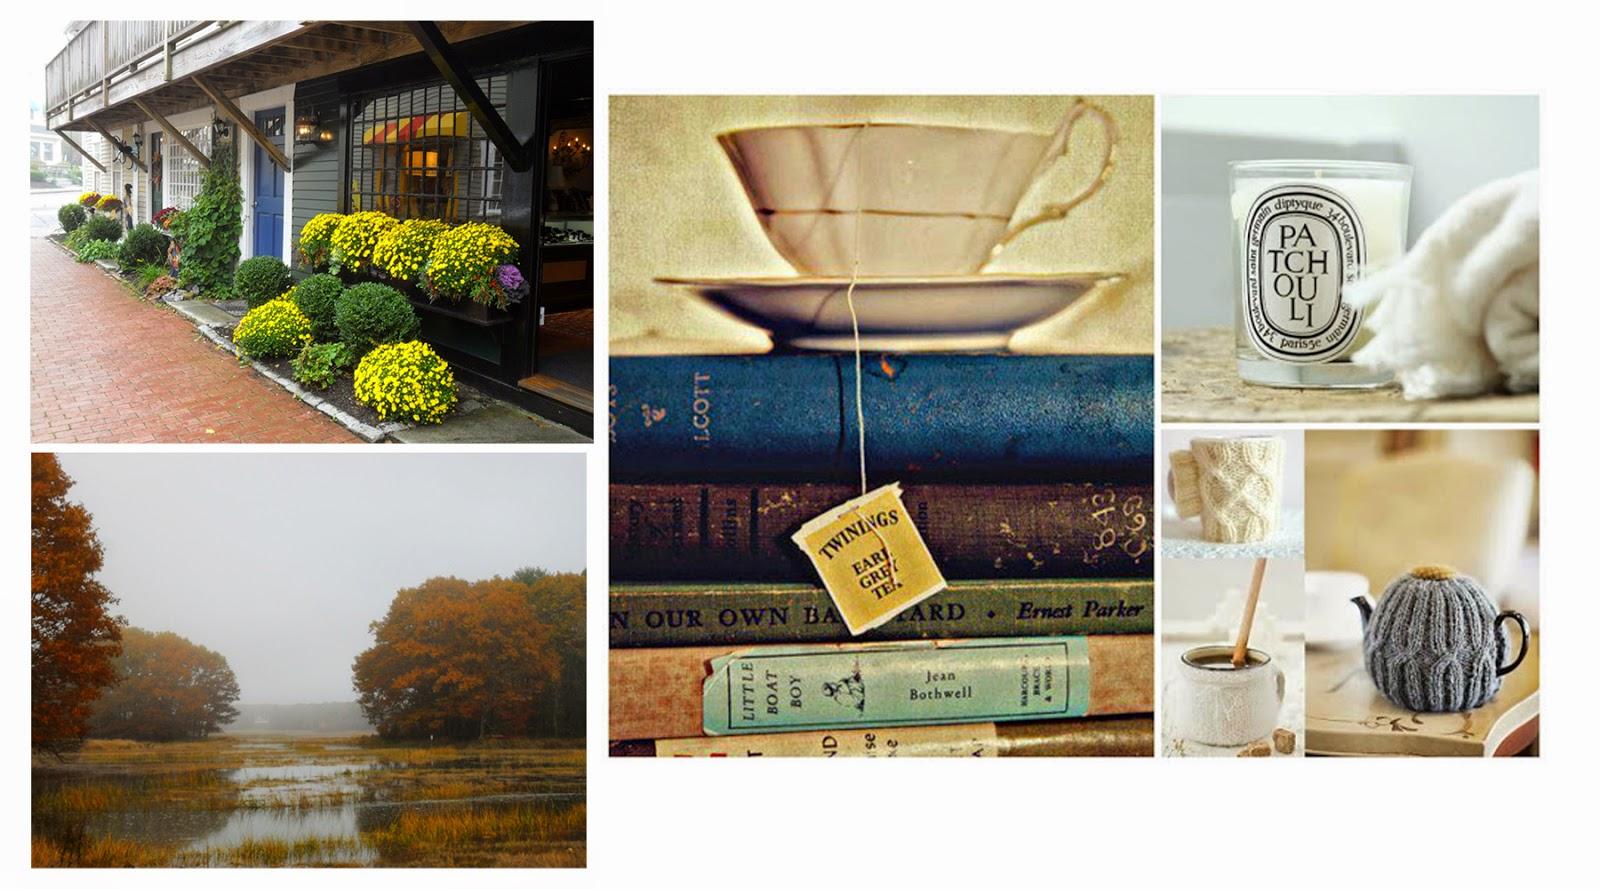 vacances en novembre voici les bons plans nana toulouse. Black Bedroom Furniture Sets. Home Design Ideas